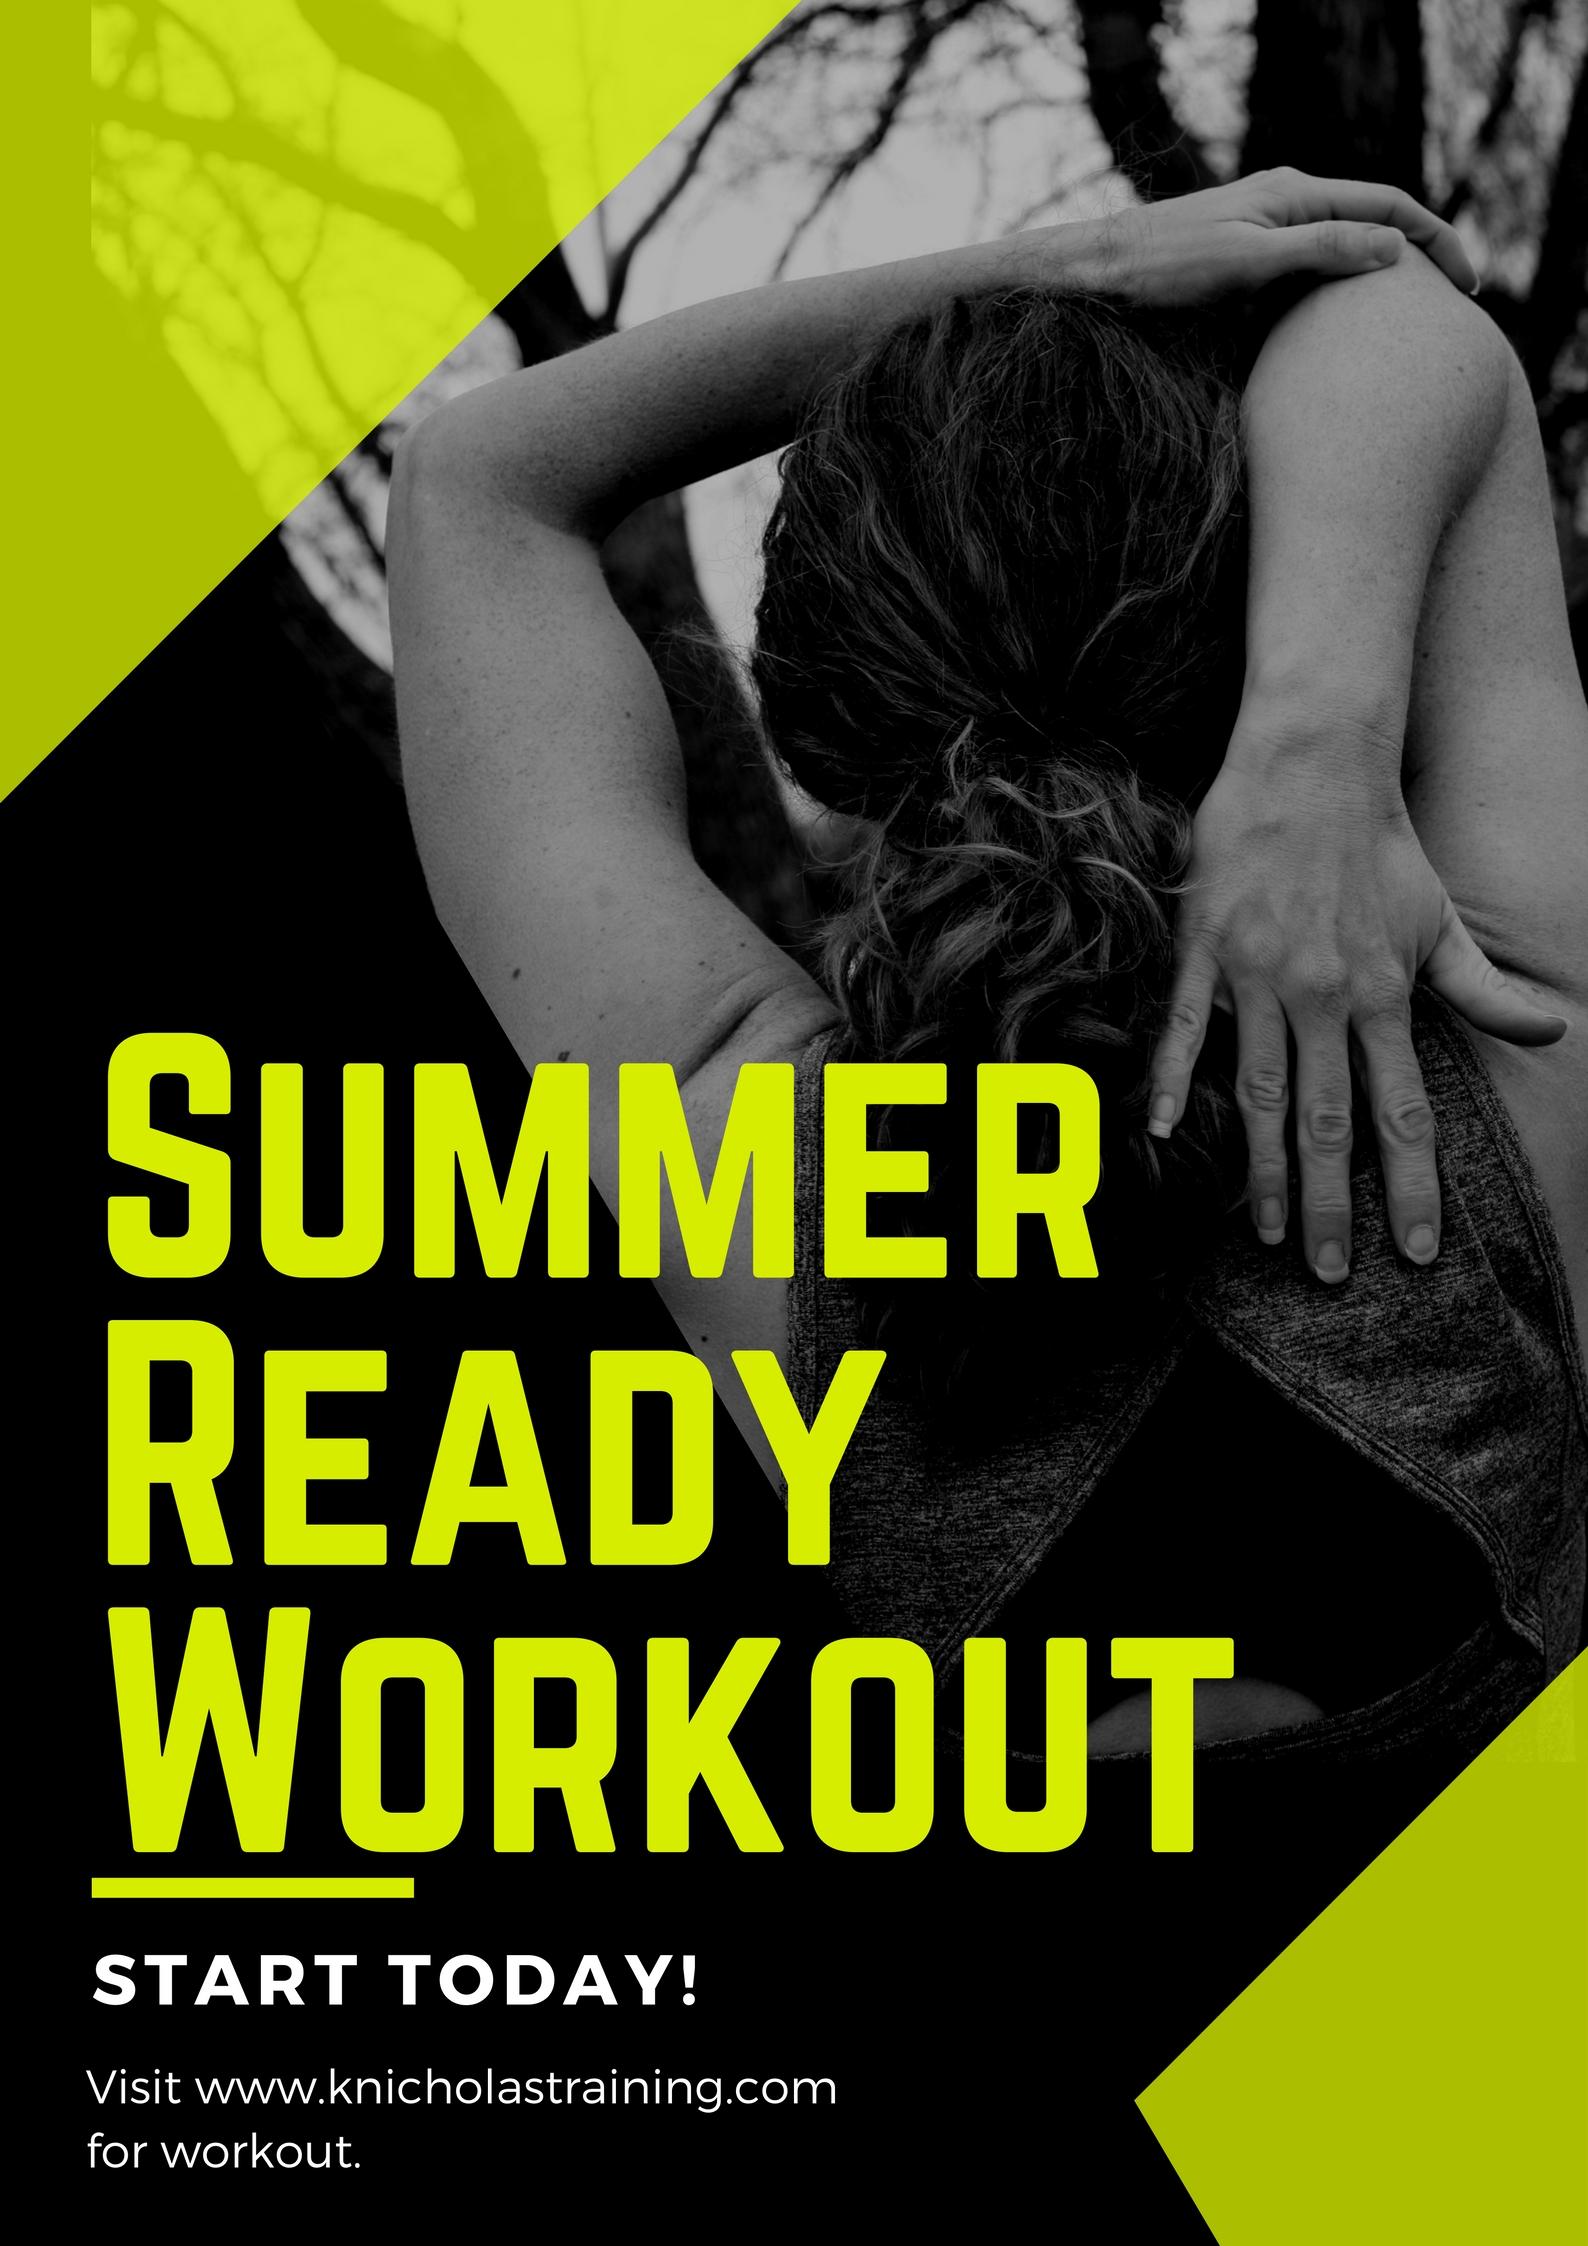 SummerReadyWorkout